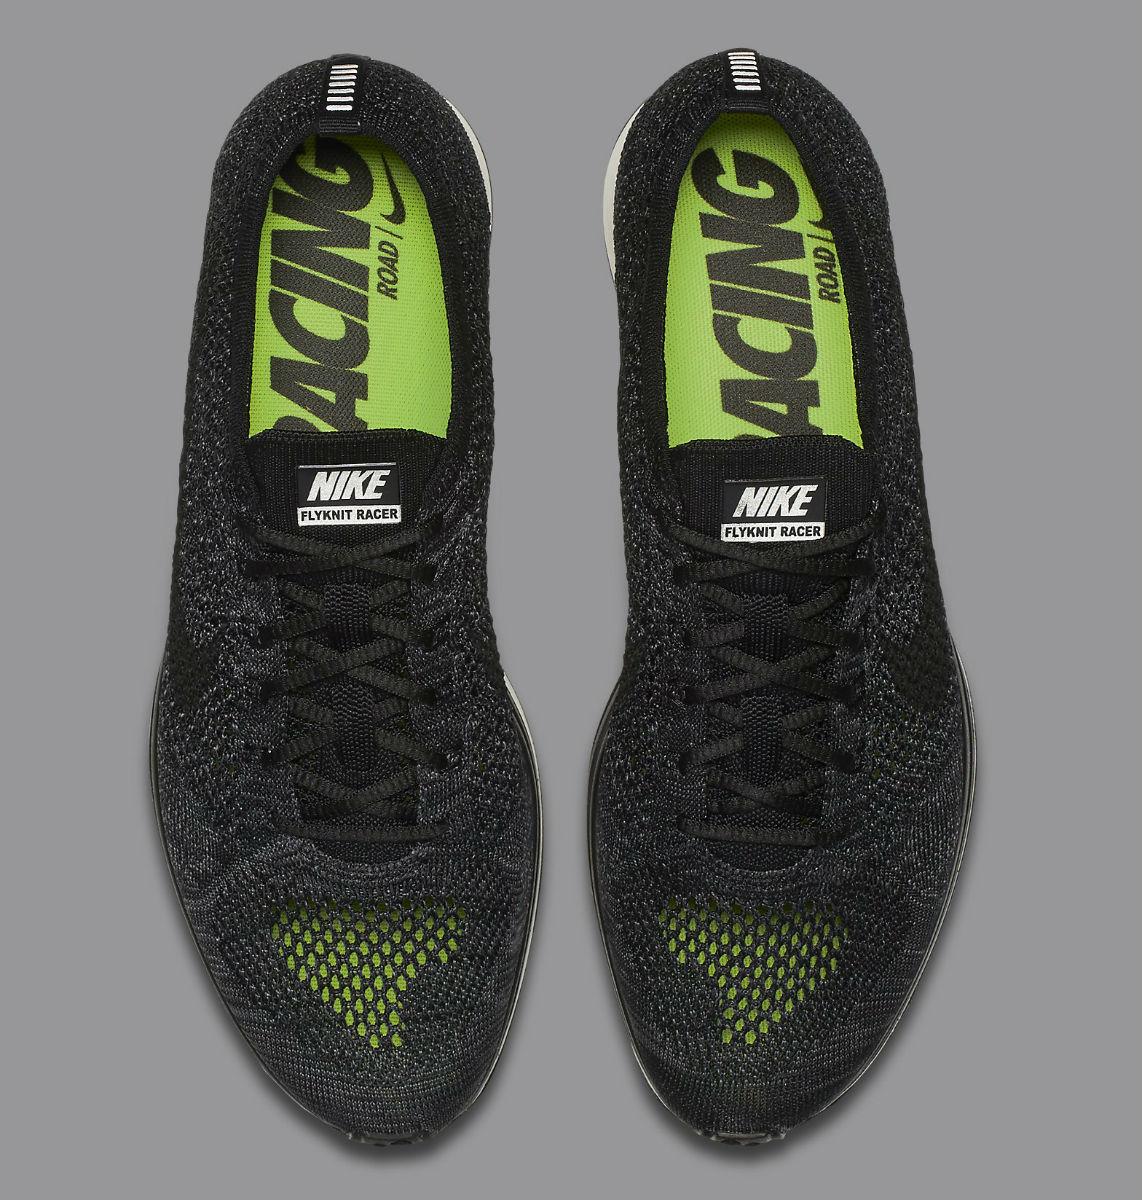 4ffbaa663165 Nike Flyknit Racer Black Knit by Night Top 526628-005